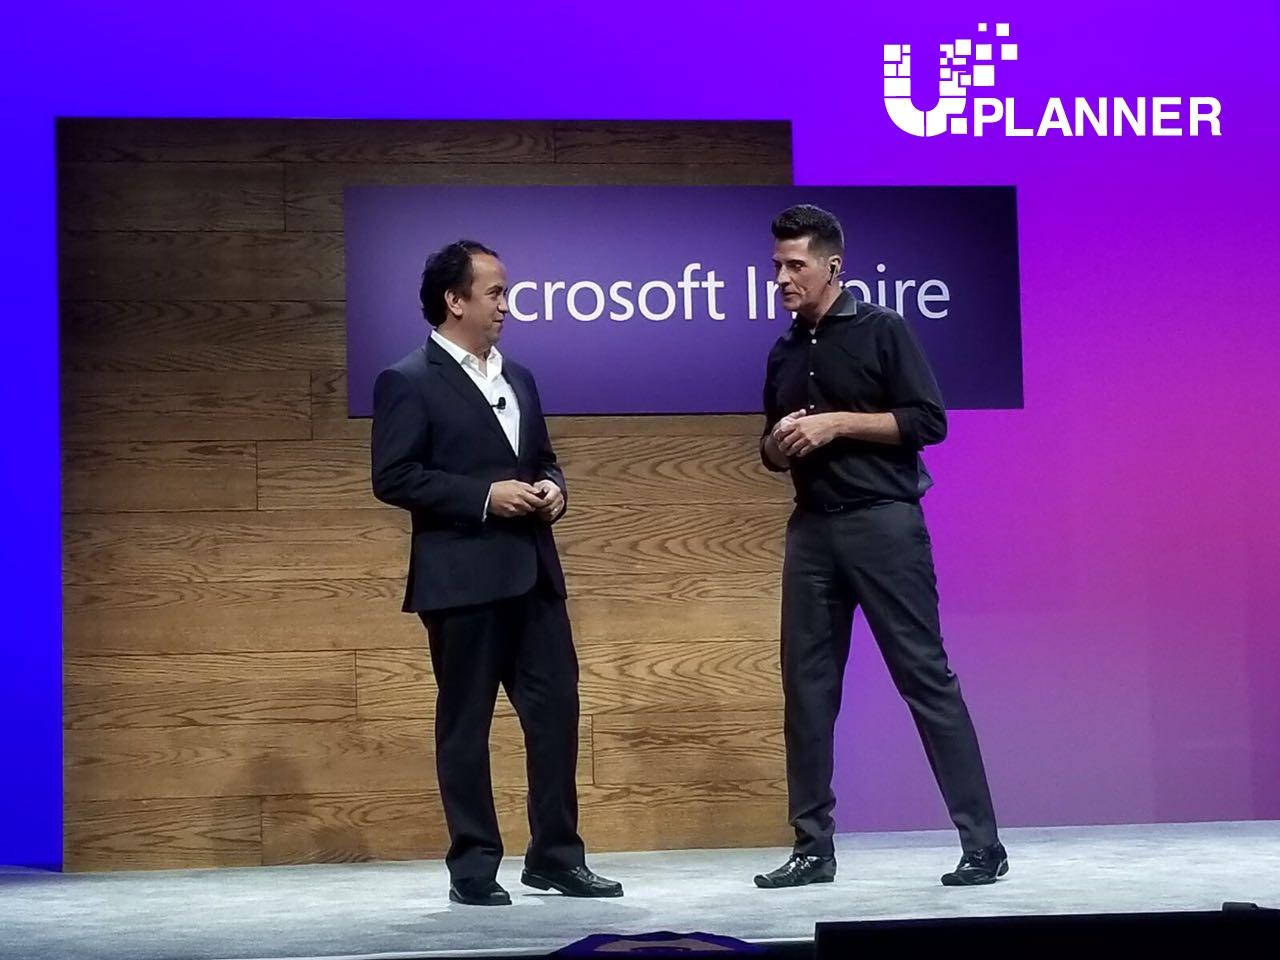 El premio de Microsoft es un gran reconocimiento a nuestro software de gestión para universidades